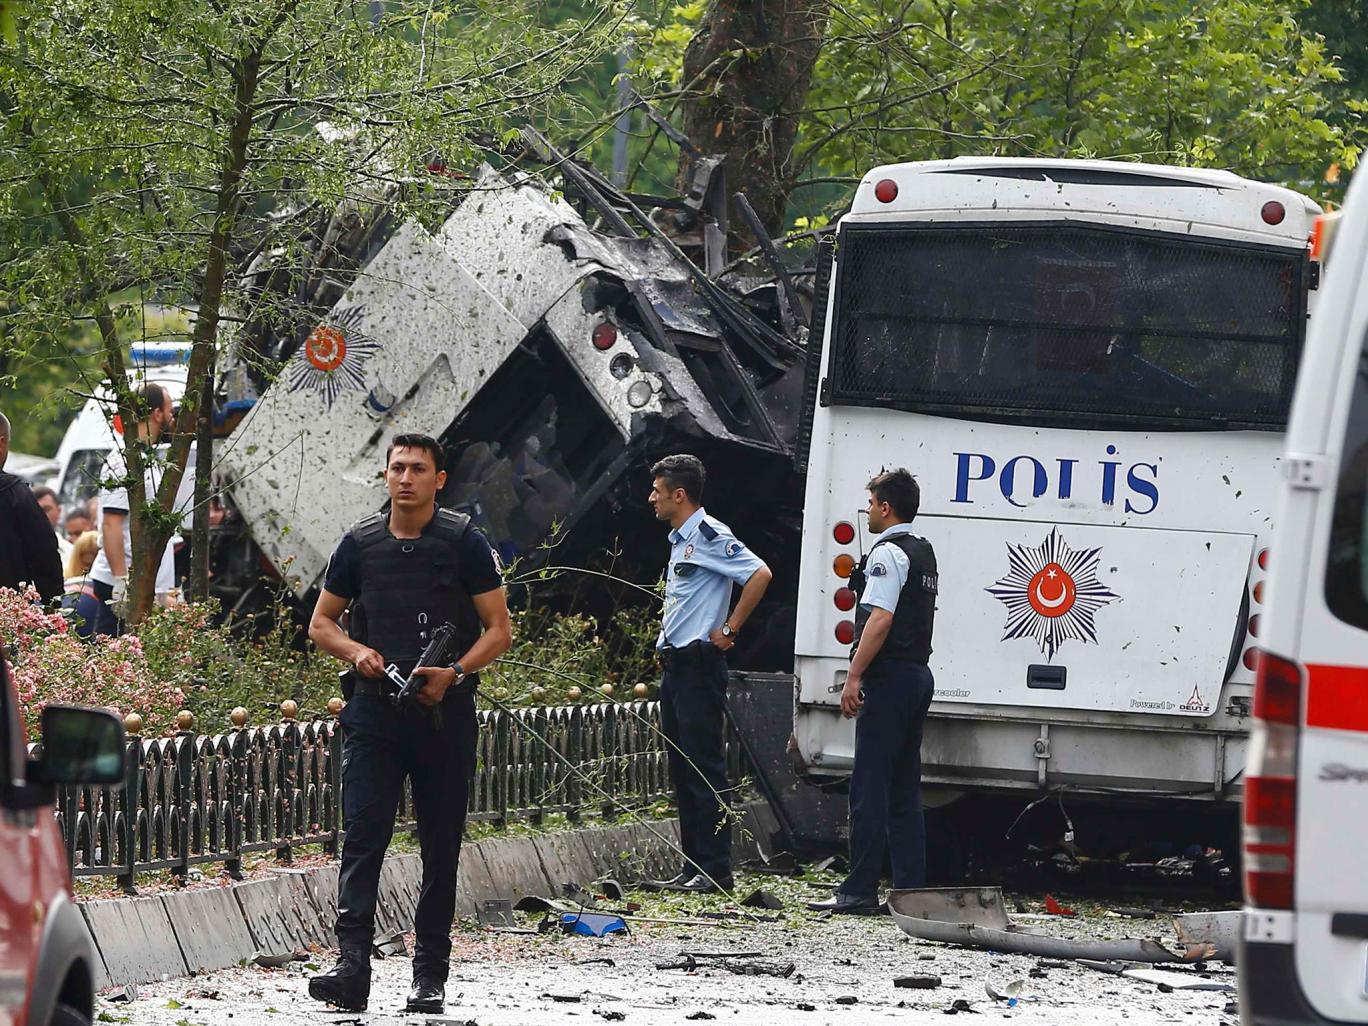 Детали за бомбашкиот напад во Истанбул (Обновено)